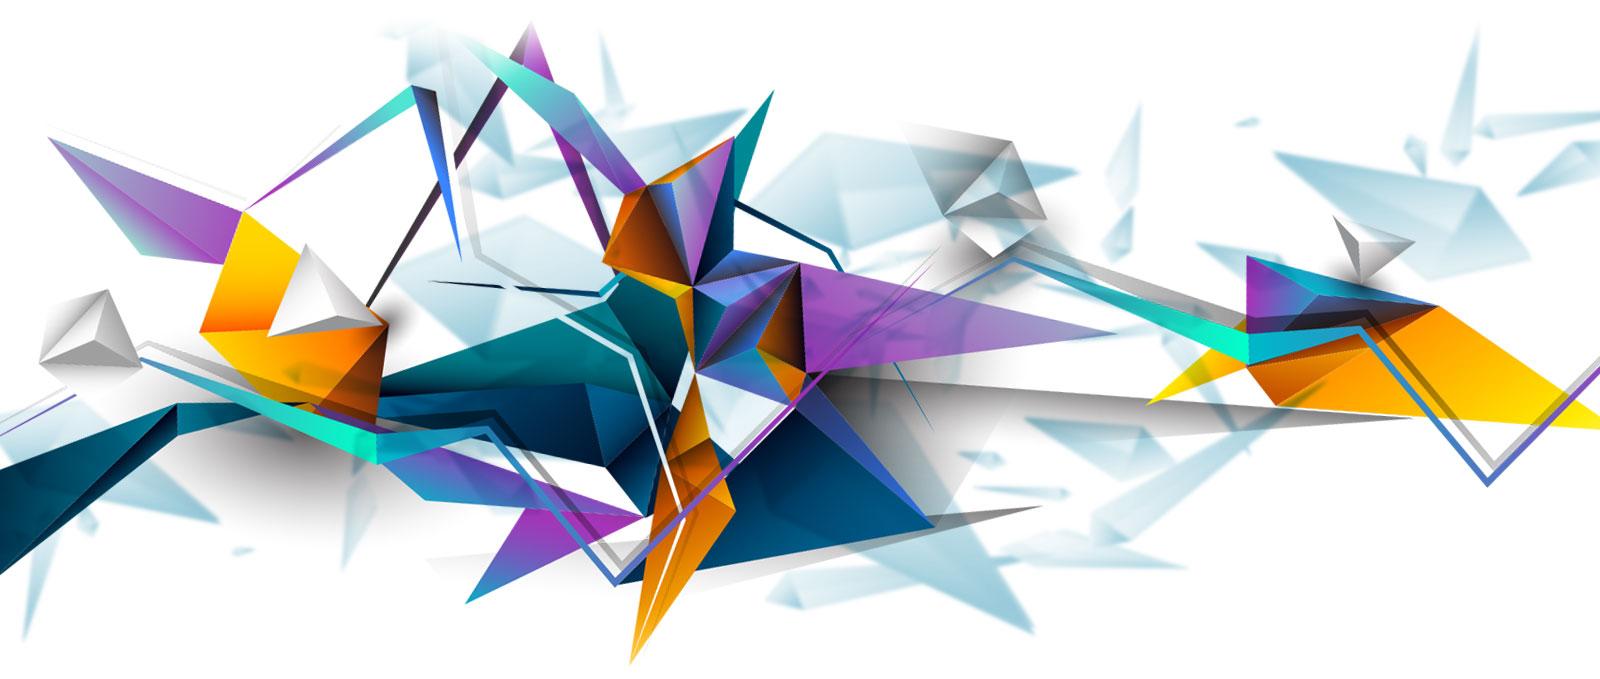 Agenzia di comunicazione e marketing web marketing web design agenzia digital marketing Conegliano Treviso - valore riconosciuto